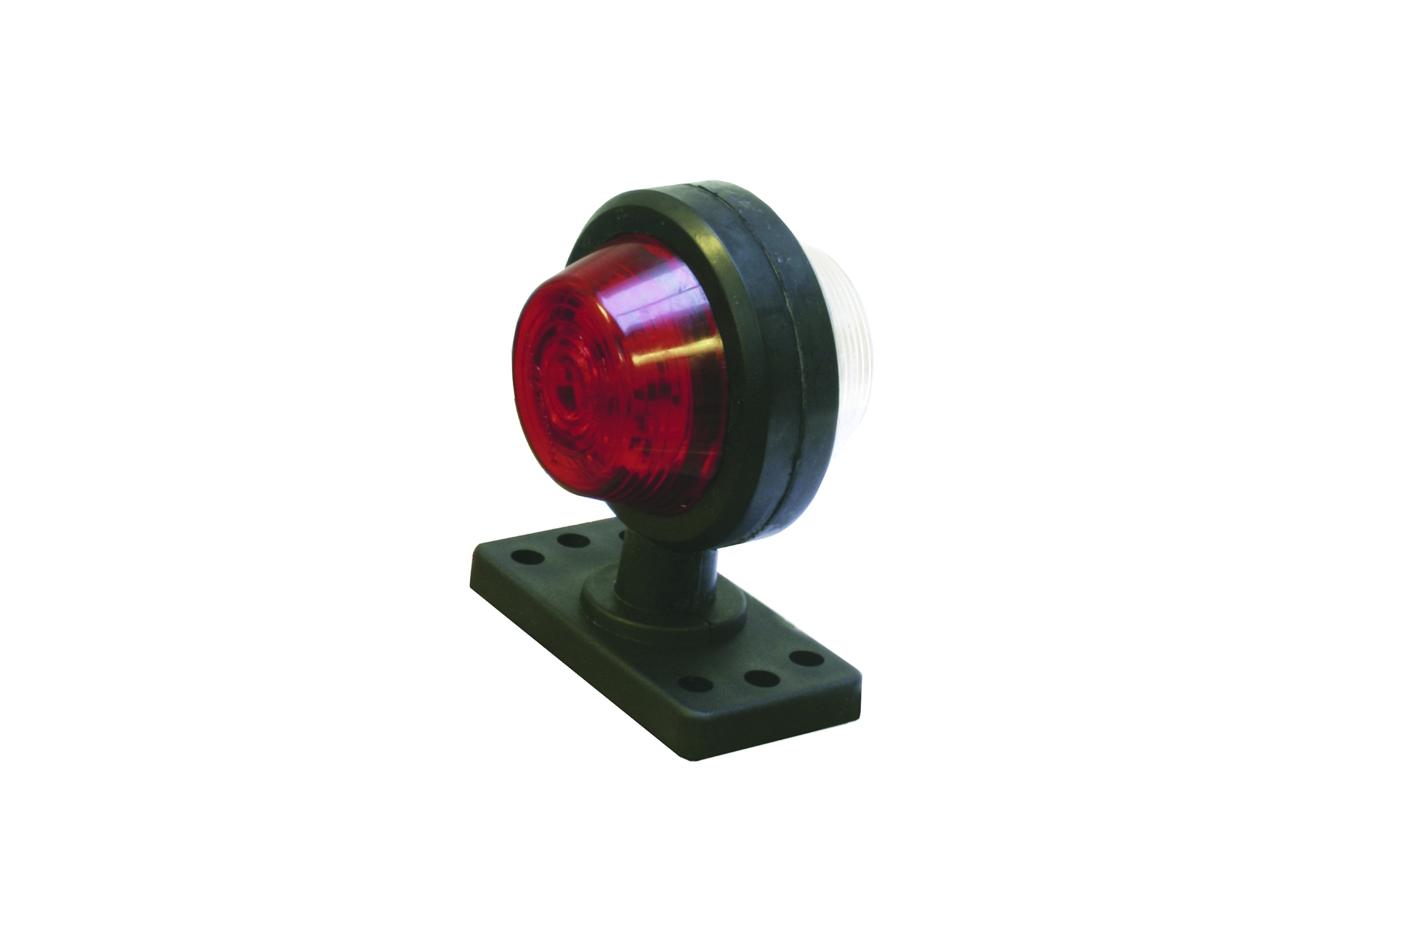 Begrenzungsleuchte 12/ 24V 360 Grad drehbar